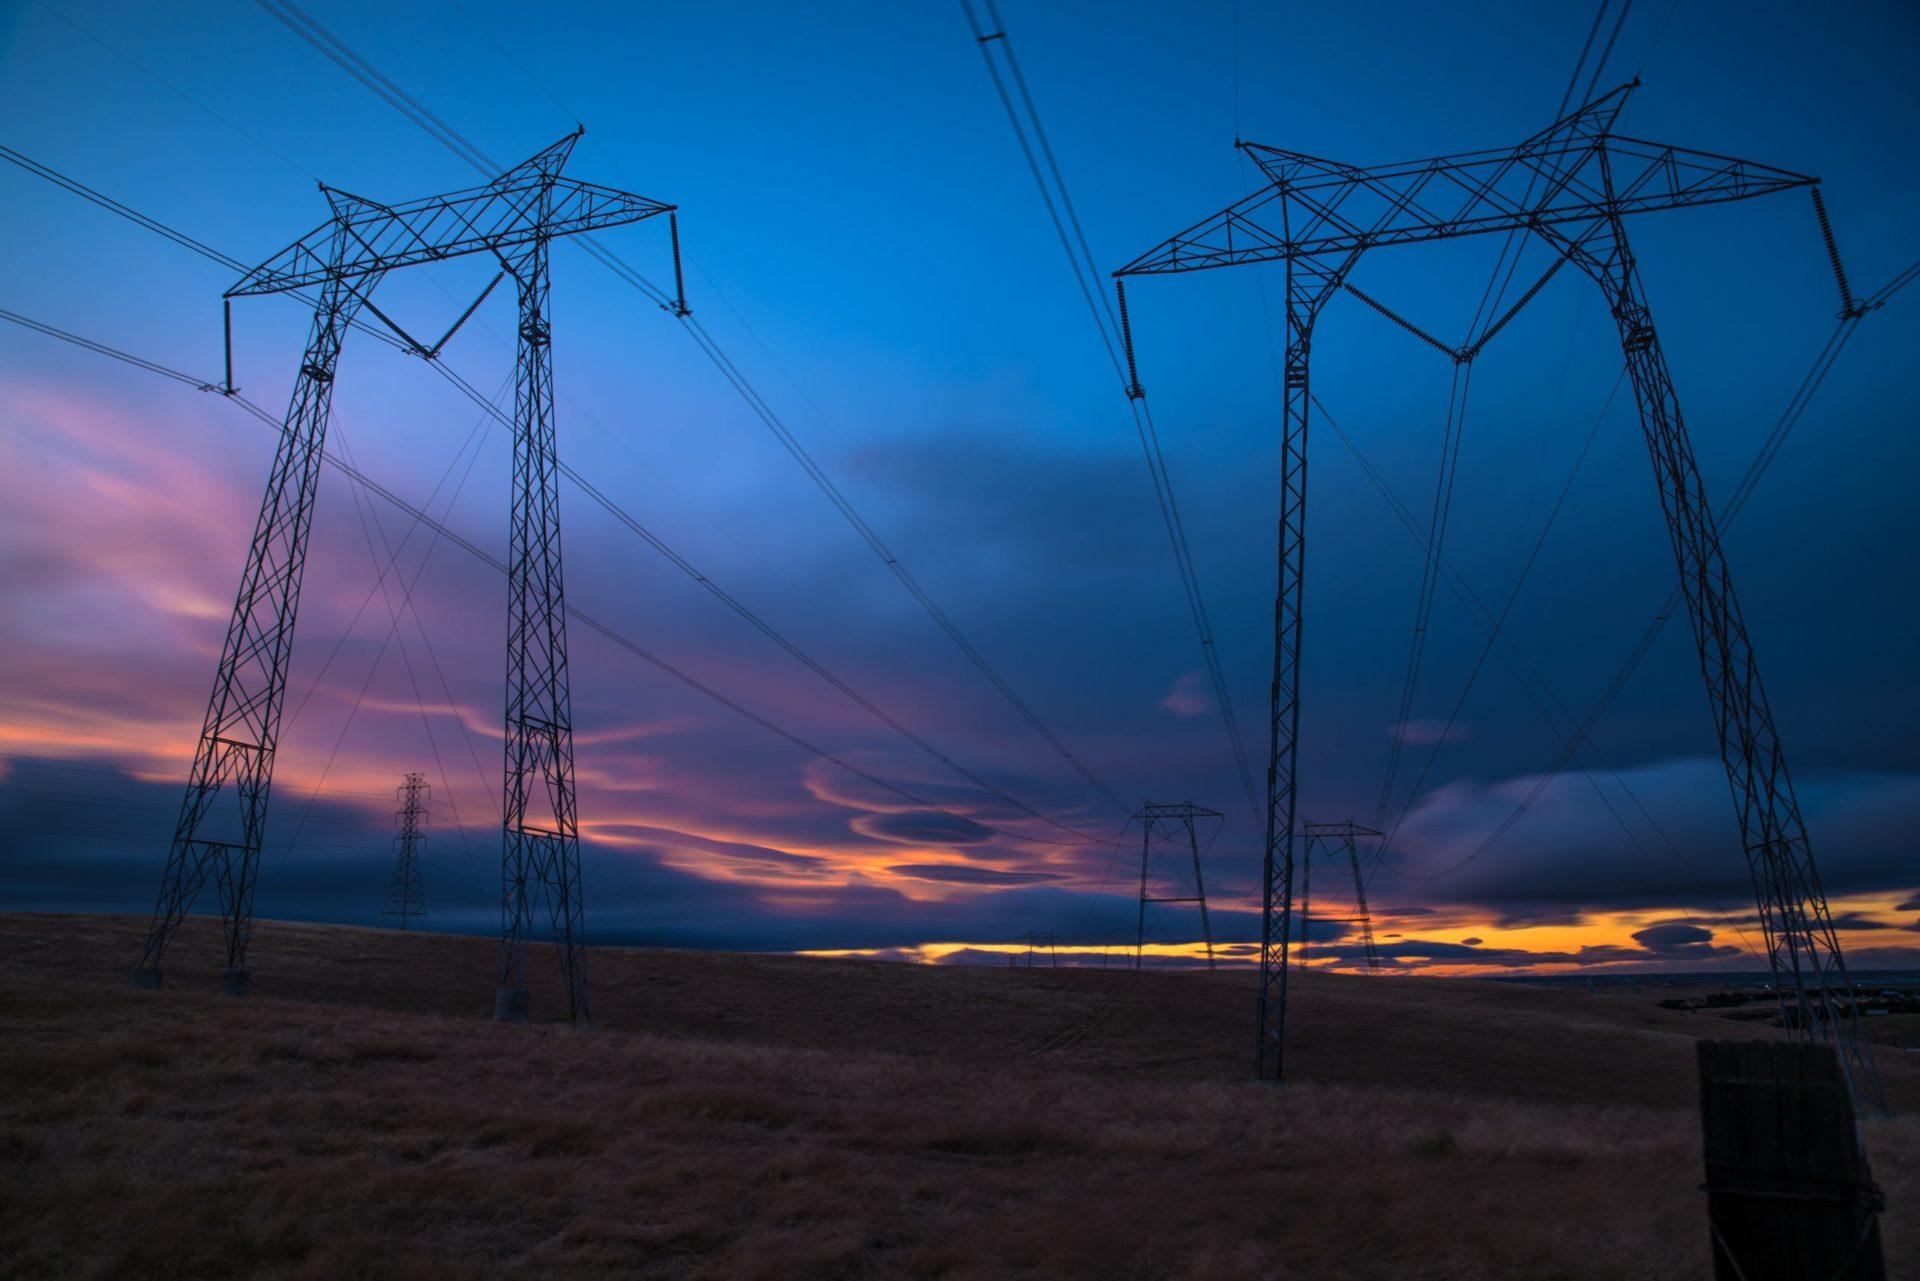 Lokal energilagring eller traditionella nätförstärkningar?